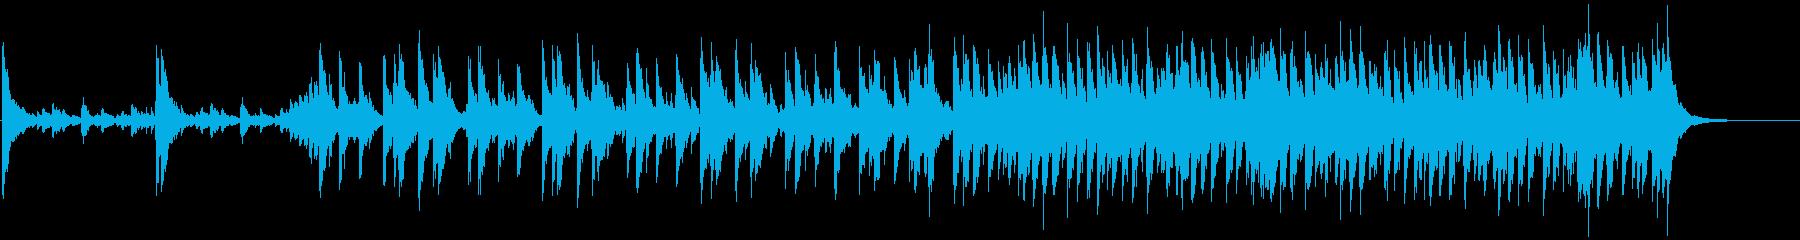 和太鼓アンサンブル&かけ声、力強いCの再生済みの波形